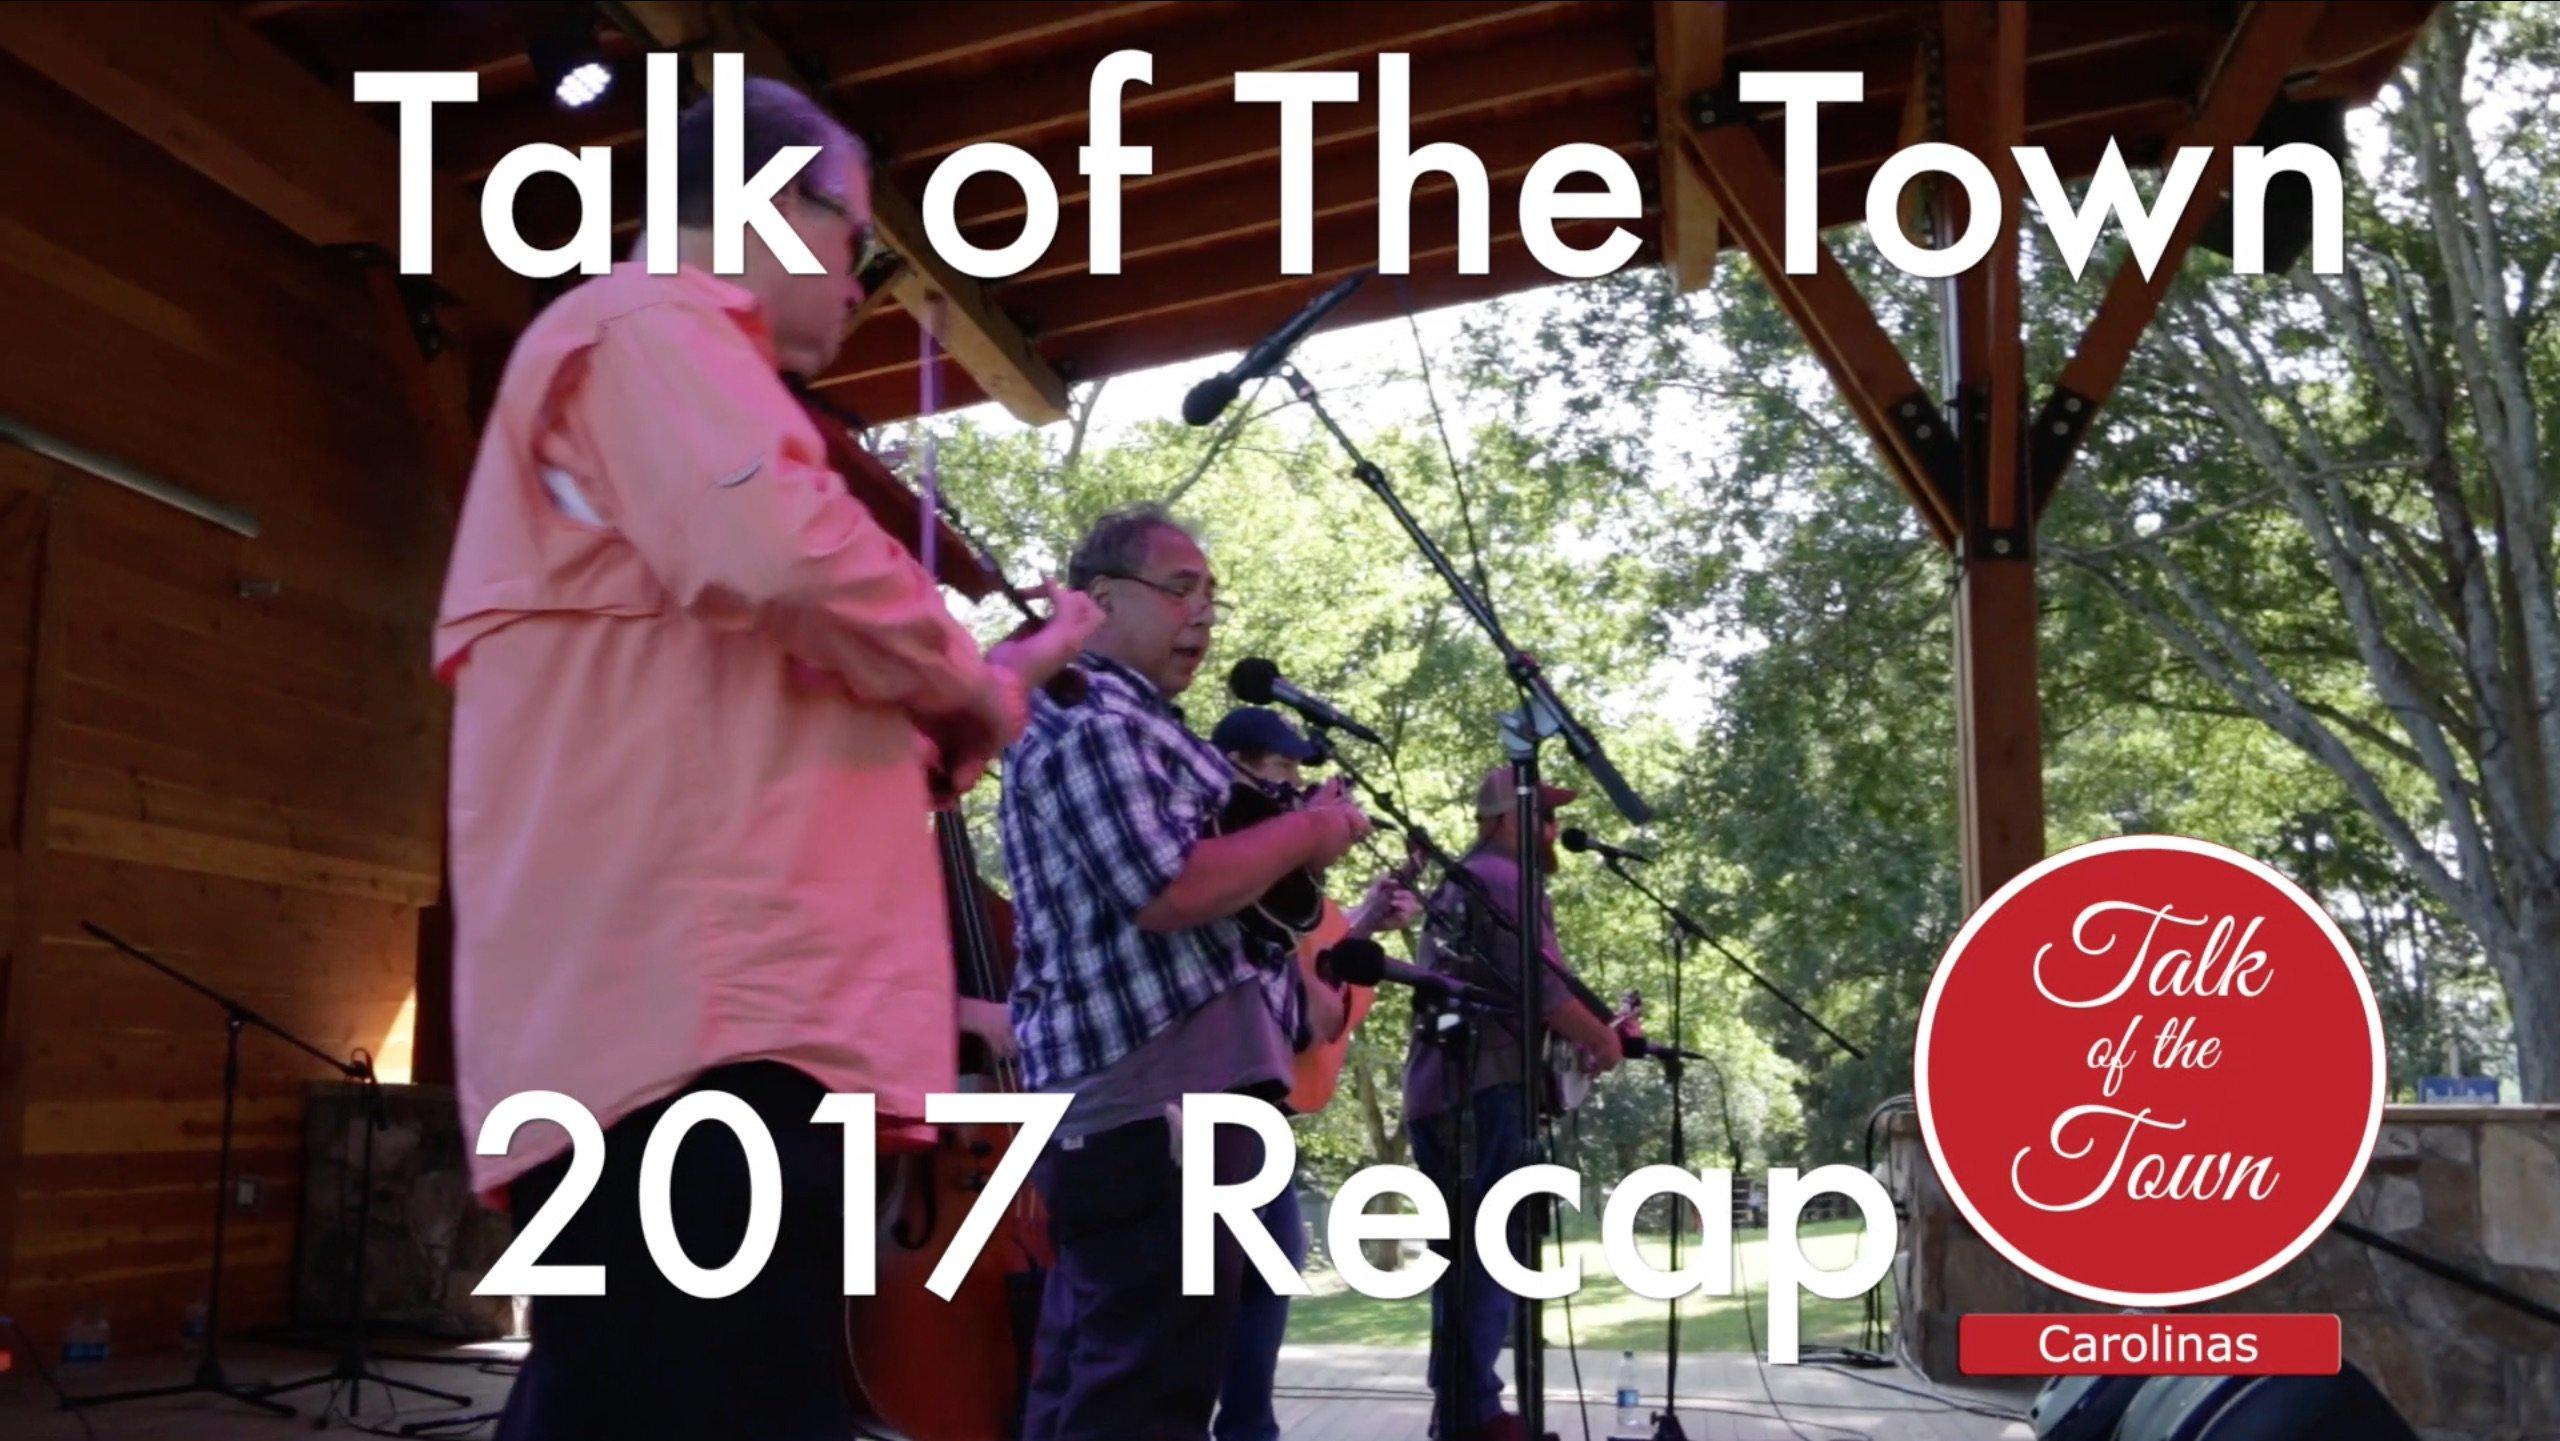 Talk of the Town Carolinas 2017 Recap